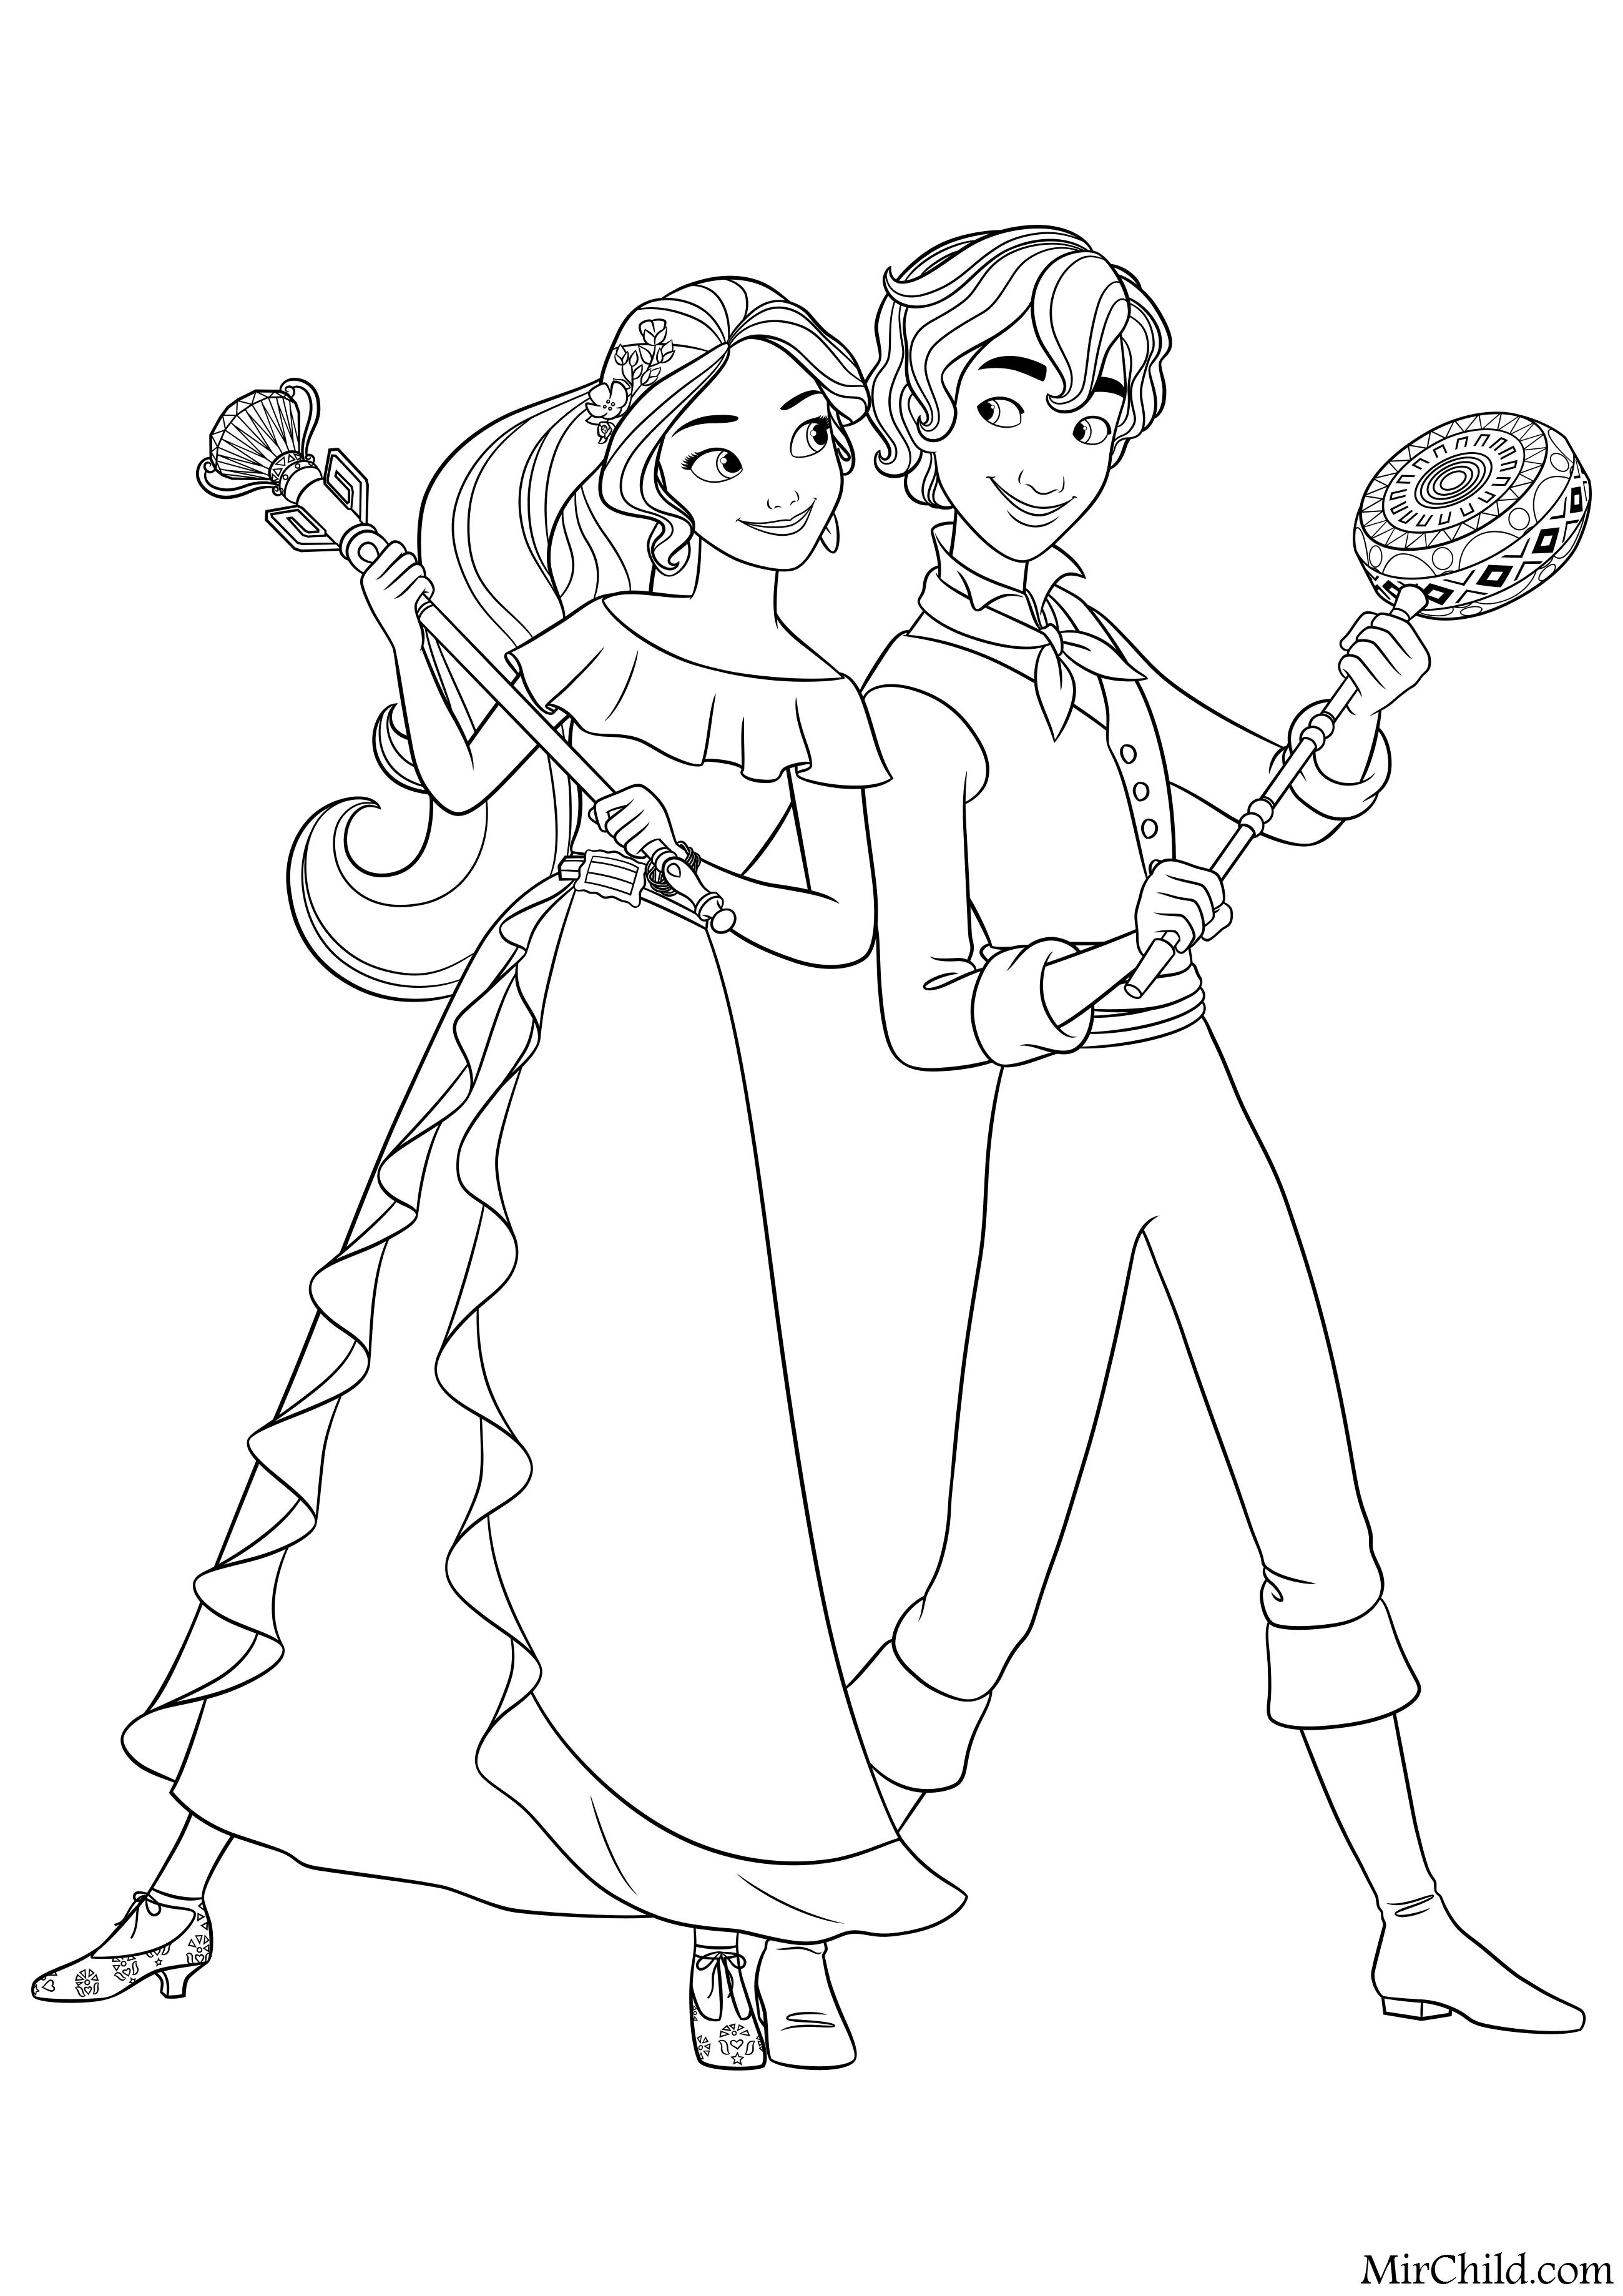 Раскраска - Елена - принцесса Авалора - Принцесса Елена и ...